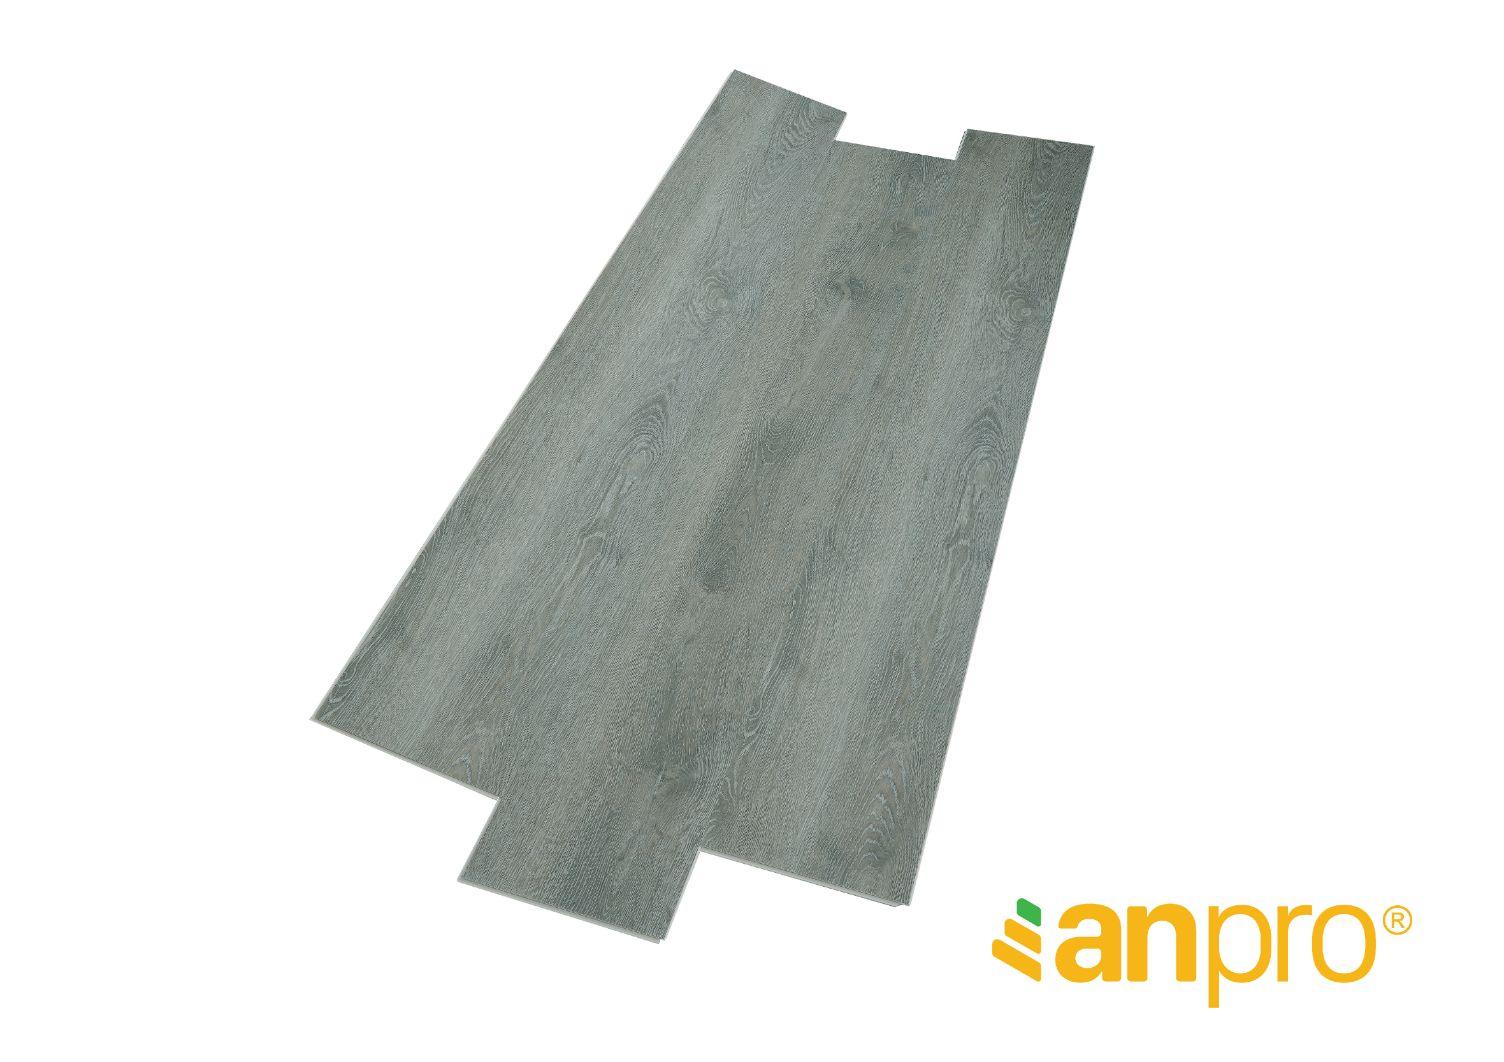 SA113 01 01 - Sàn AnPro vân gỗ SA113